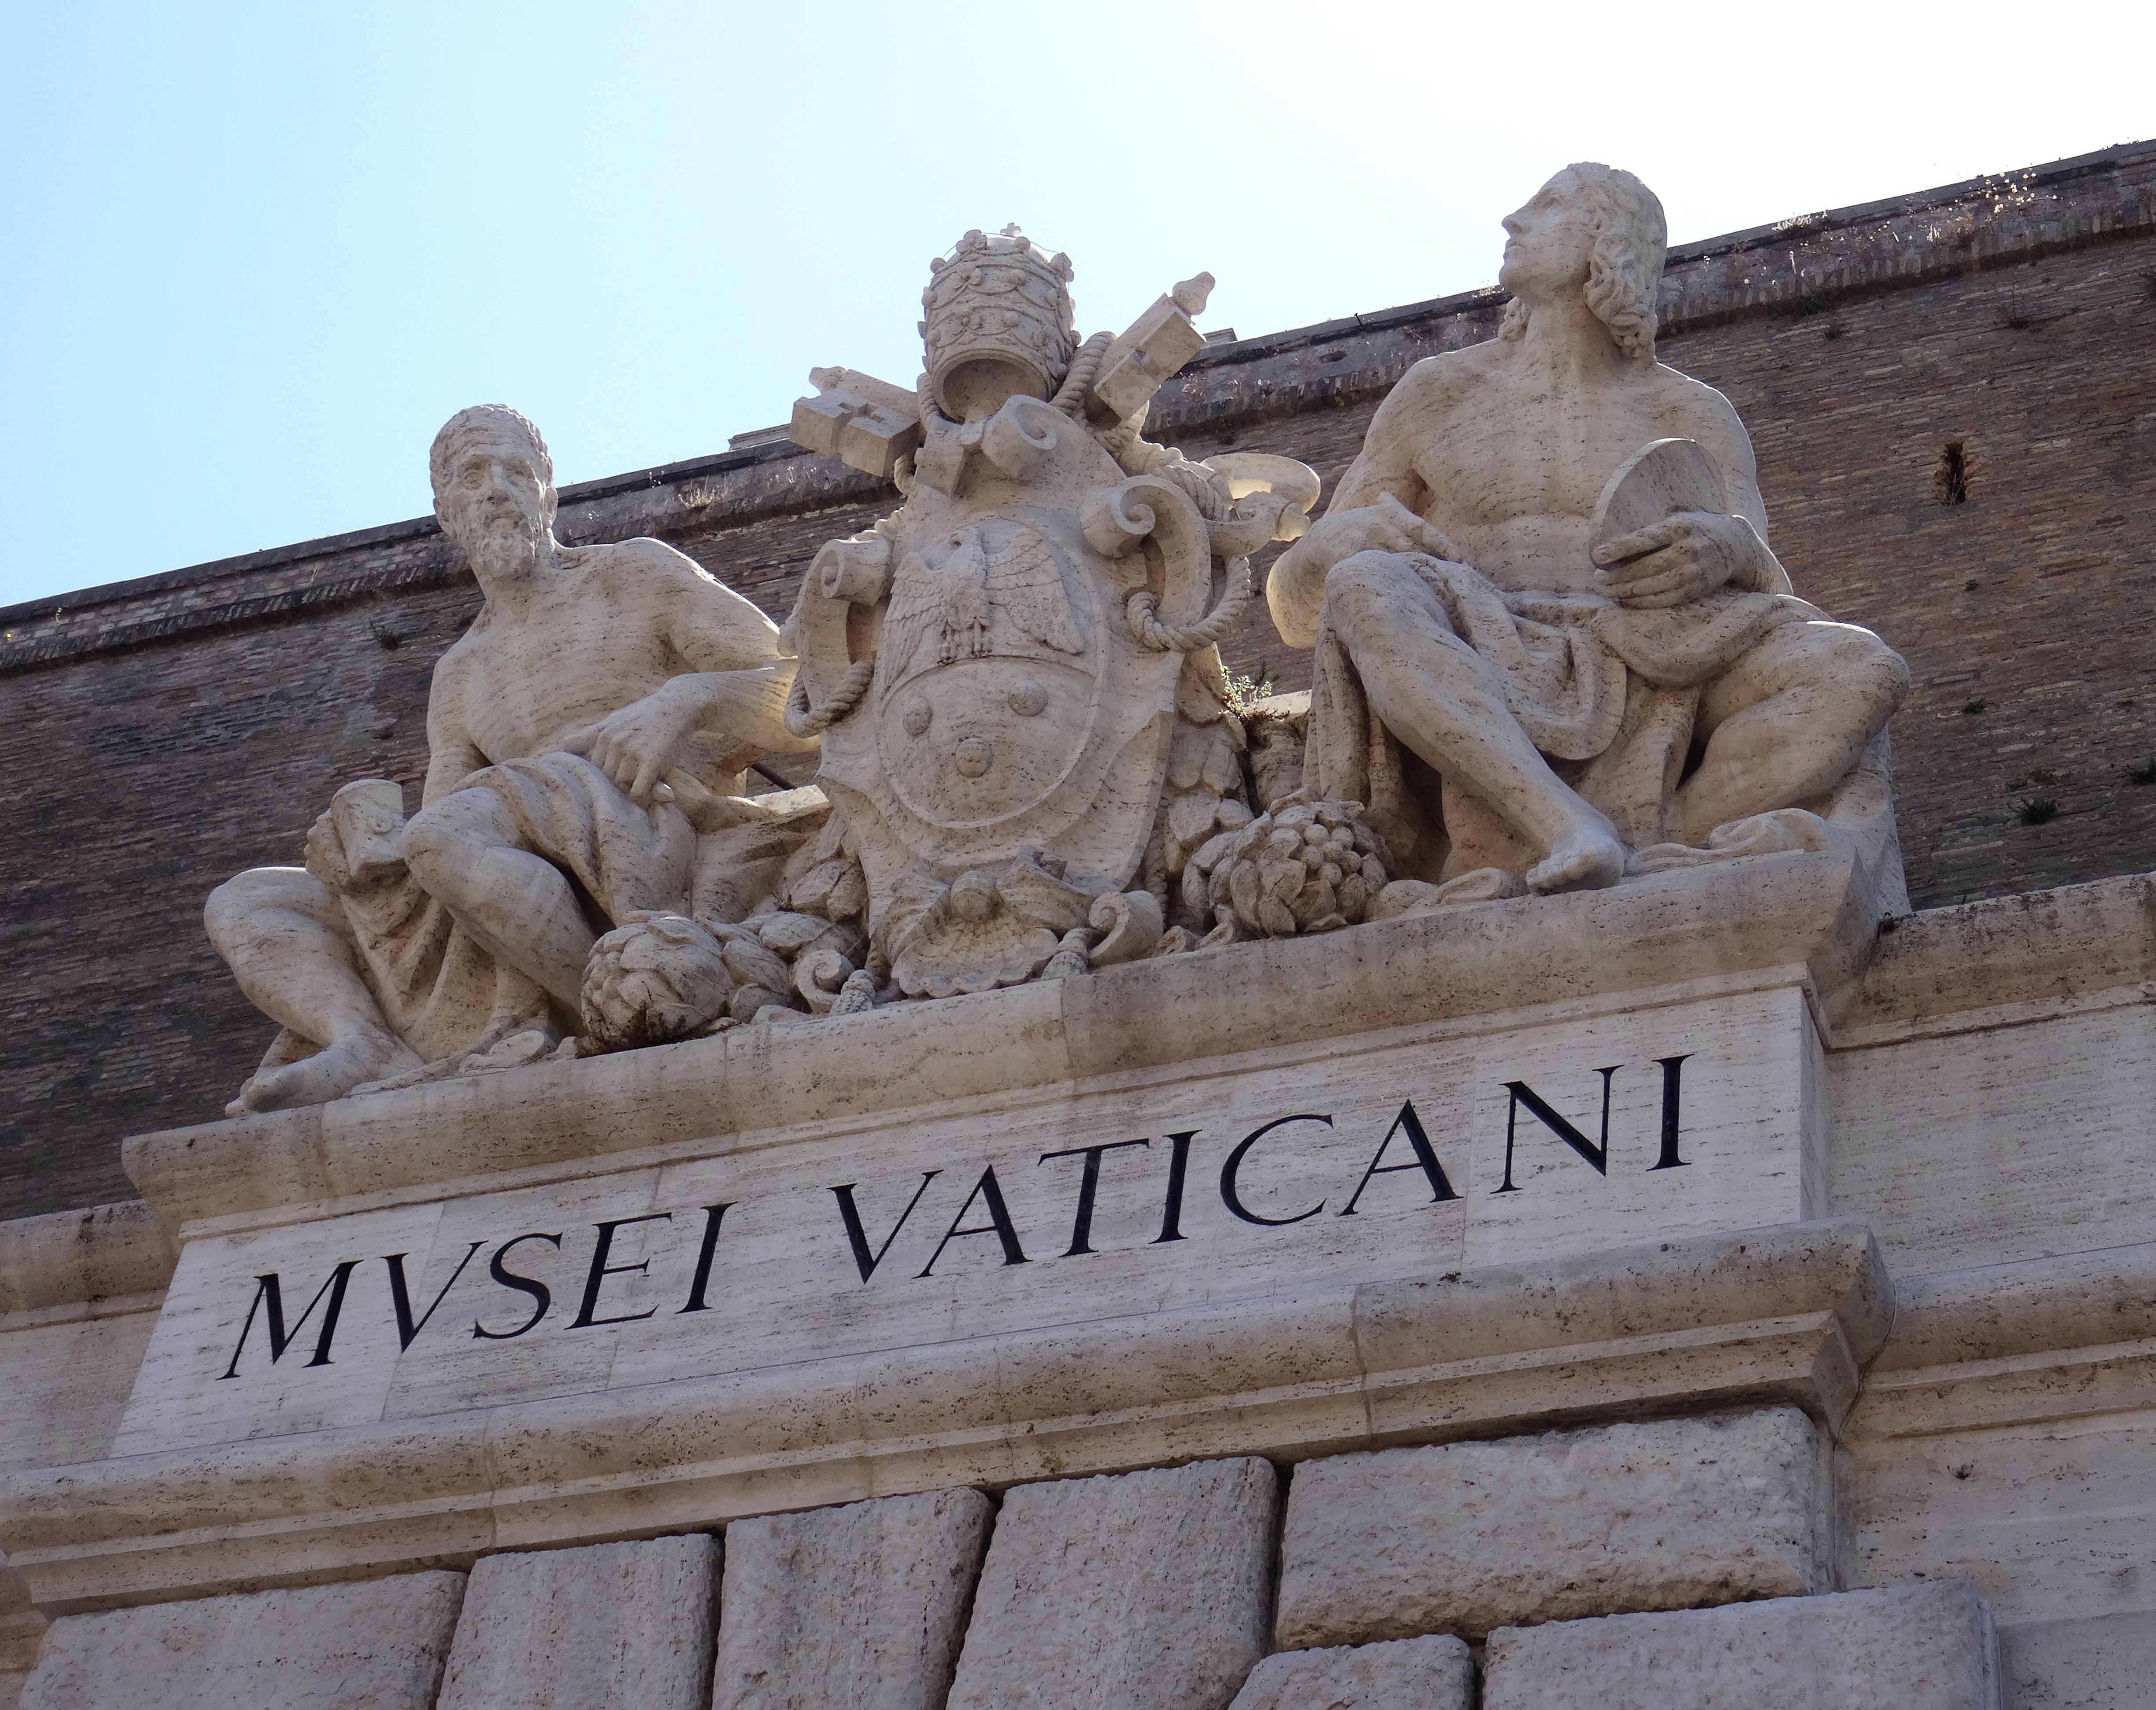 Musées du Vatican fronton enseigne